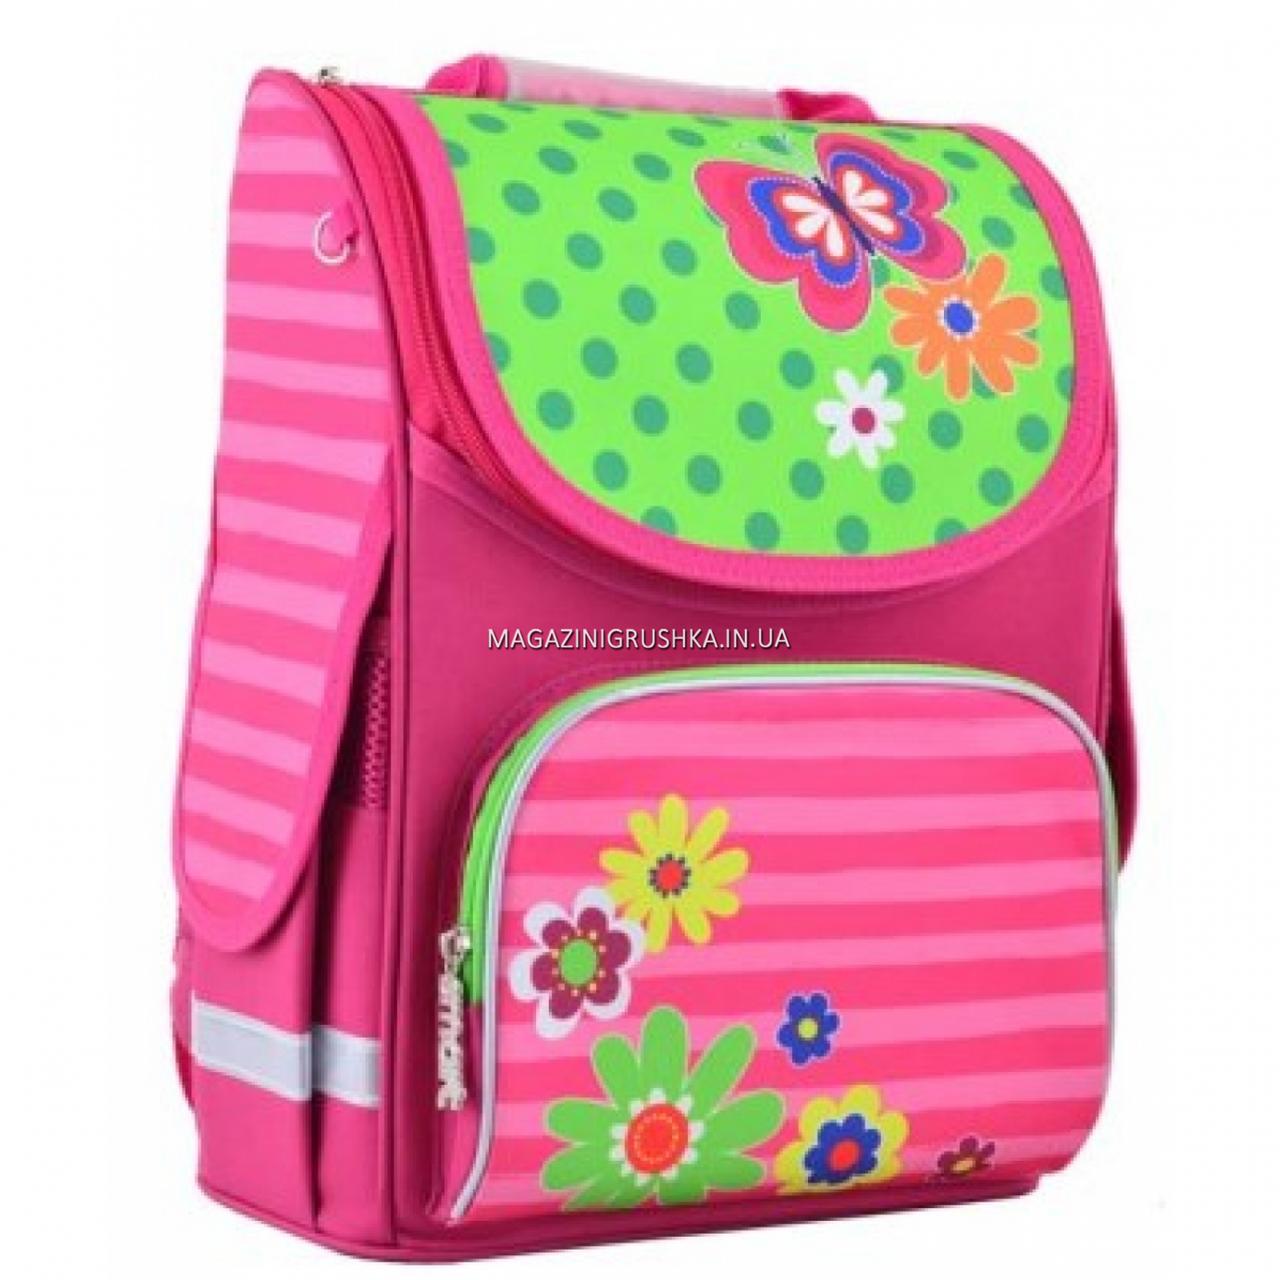 Рюкзак школьный каркасный Smart PG-11 Flowers Розовый (554511)